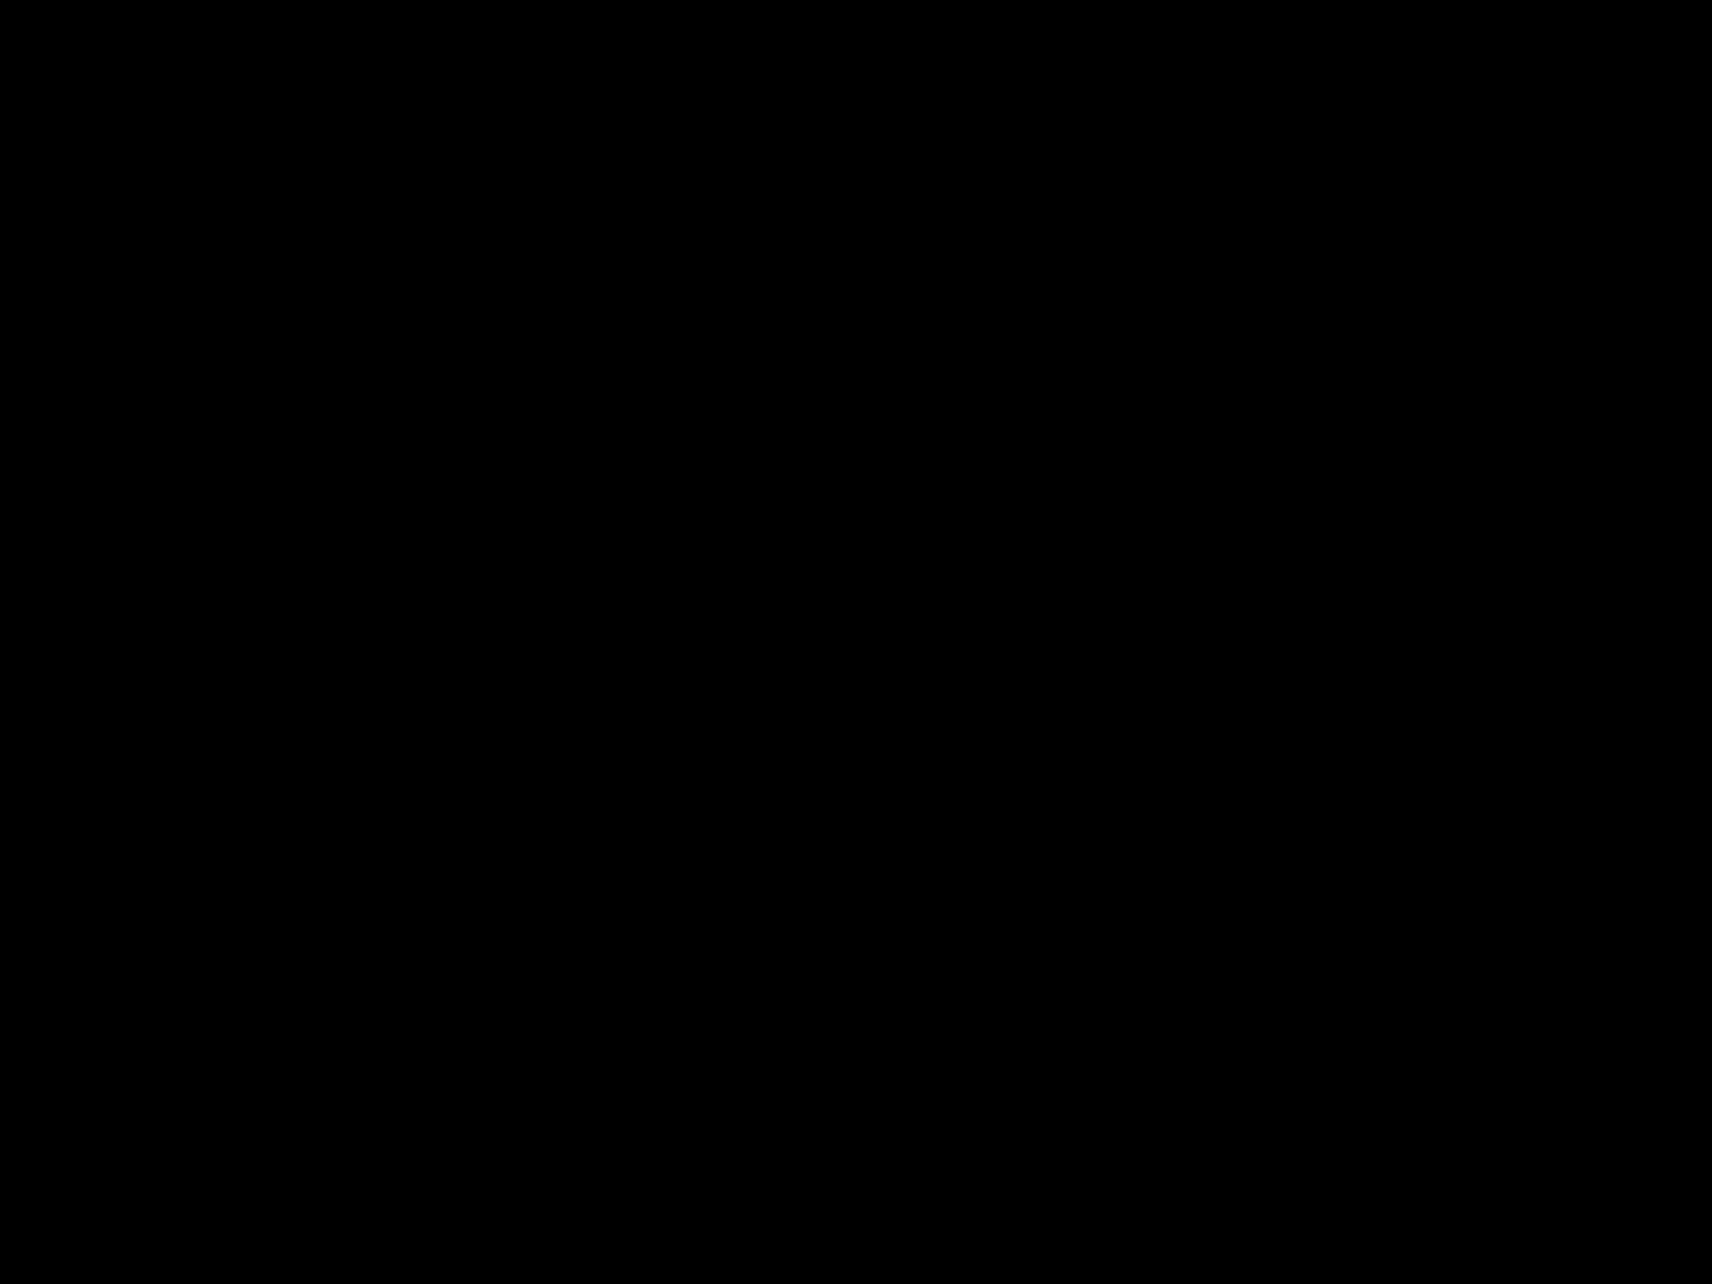 22083_02.jpg